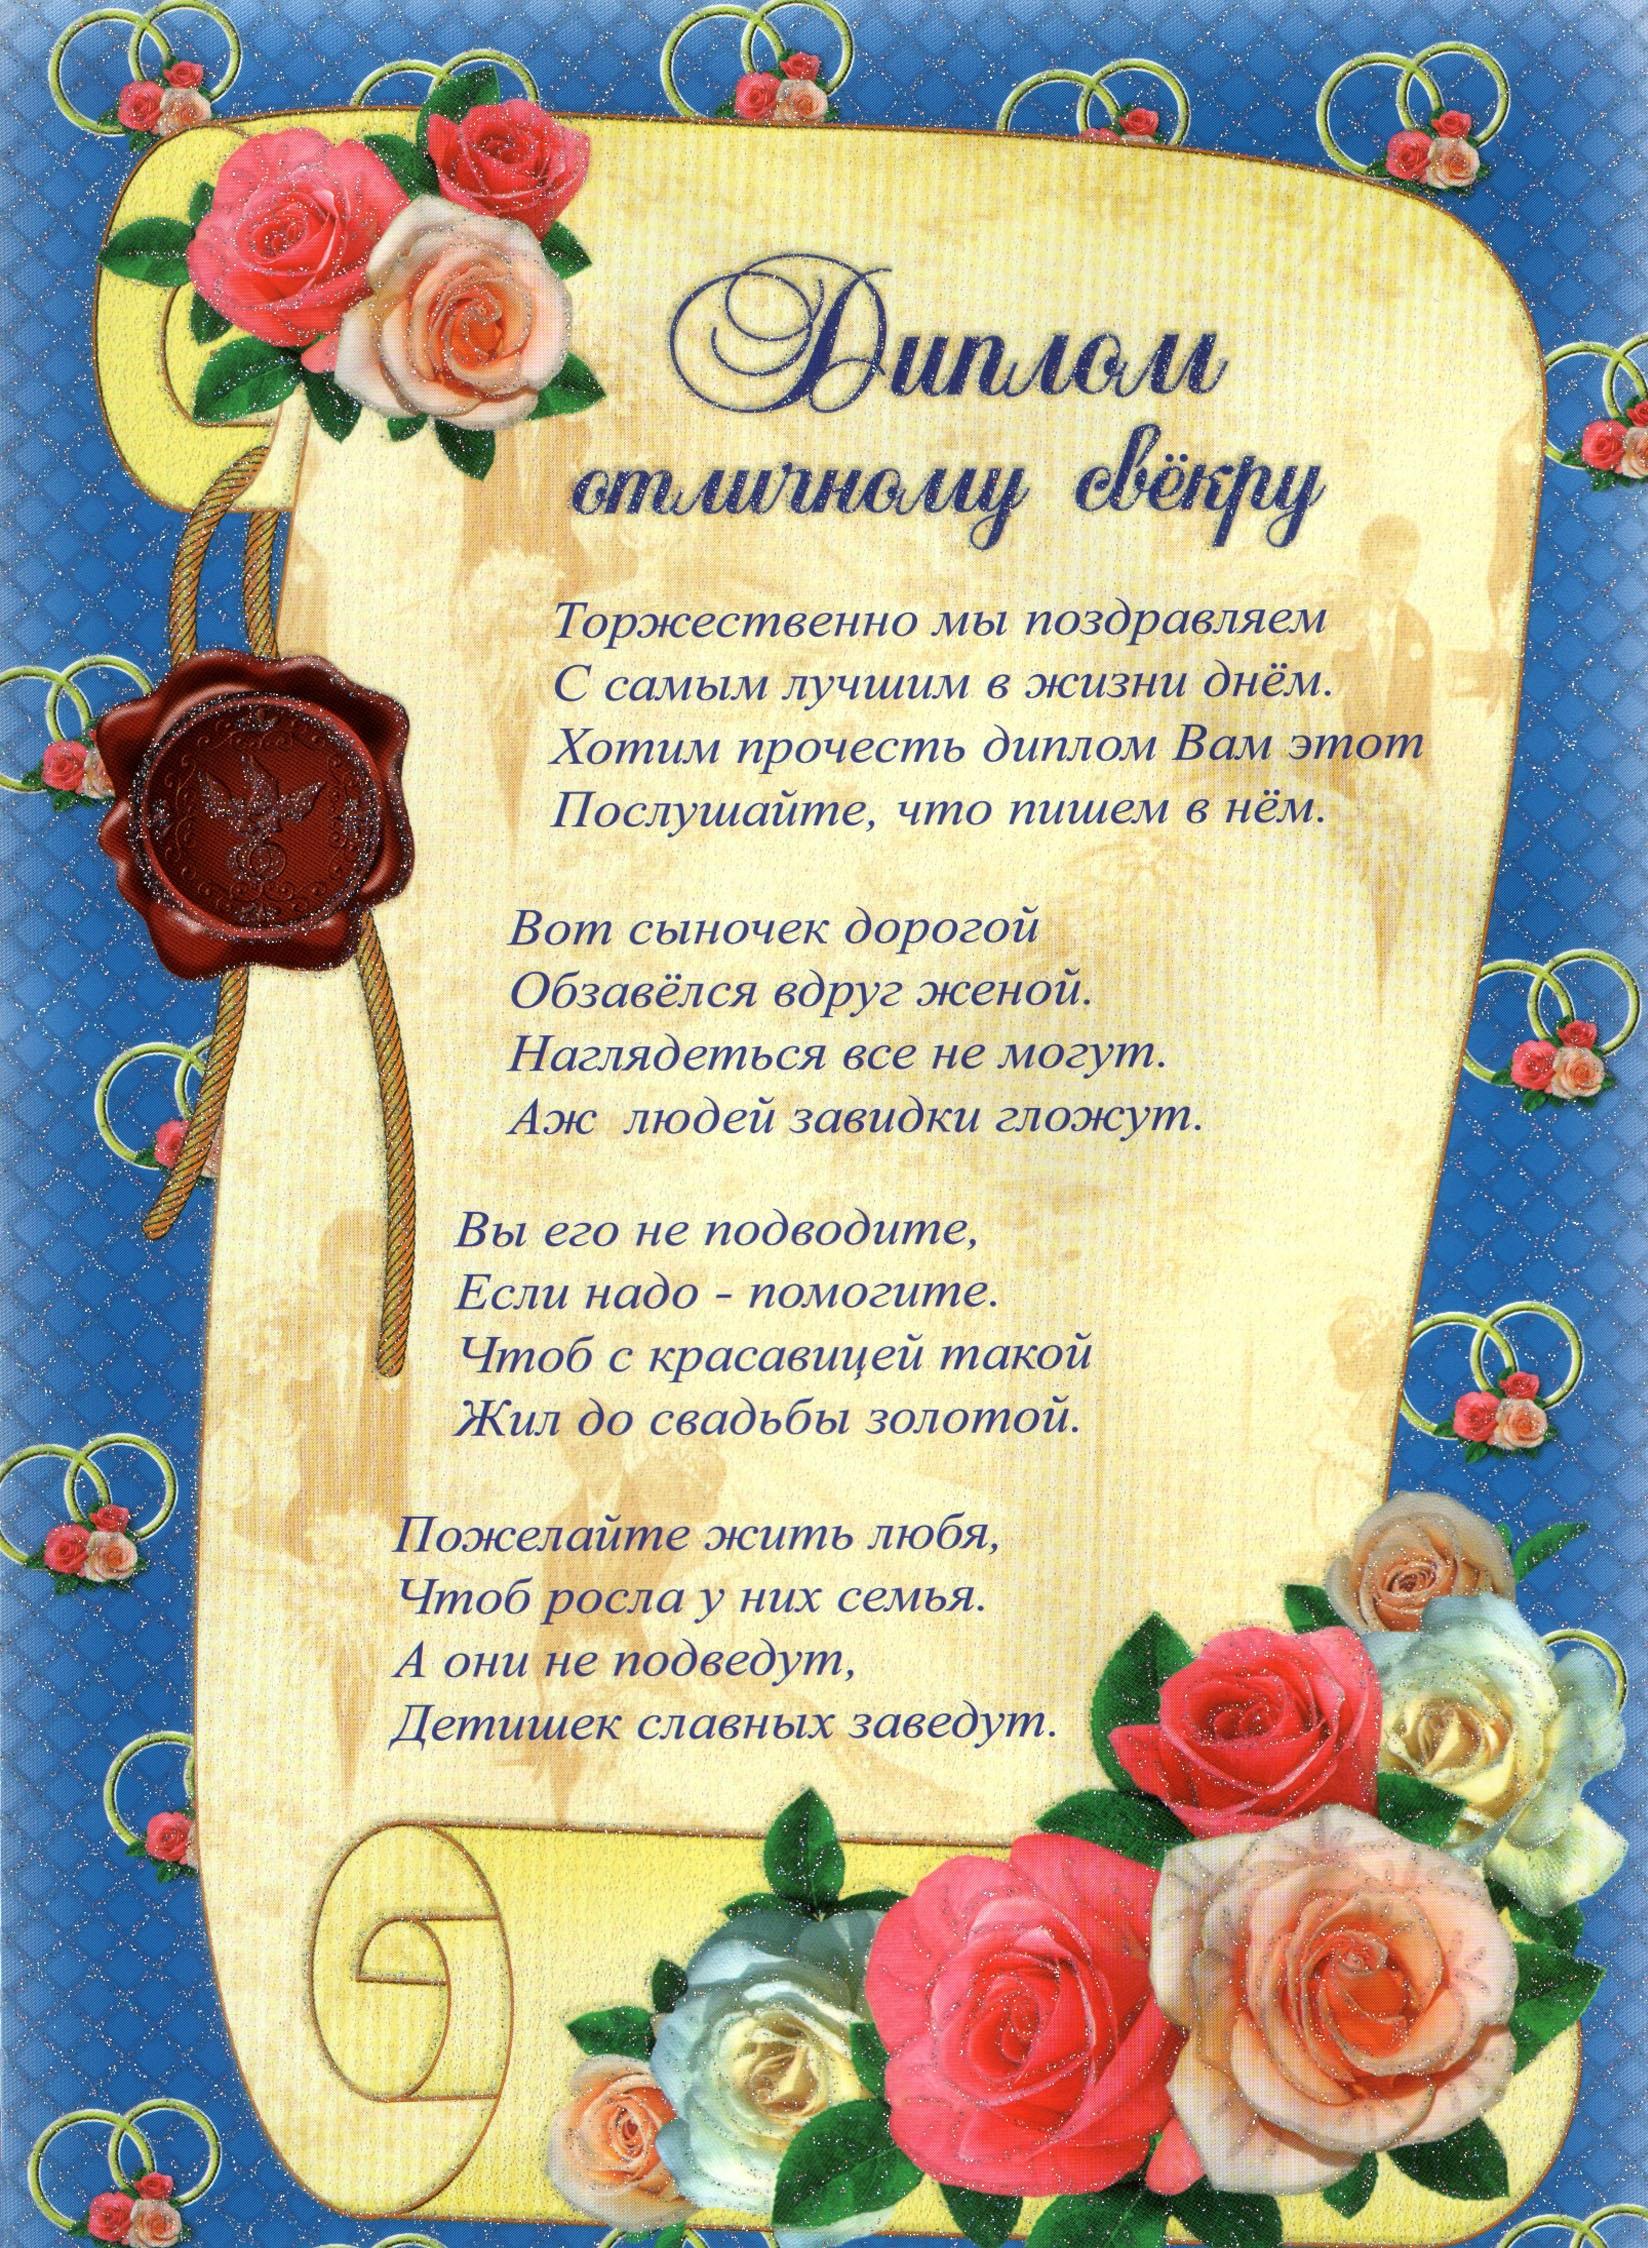 Печать грамот и дипломов свекру в Москве   фото 7